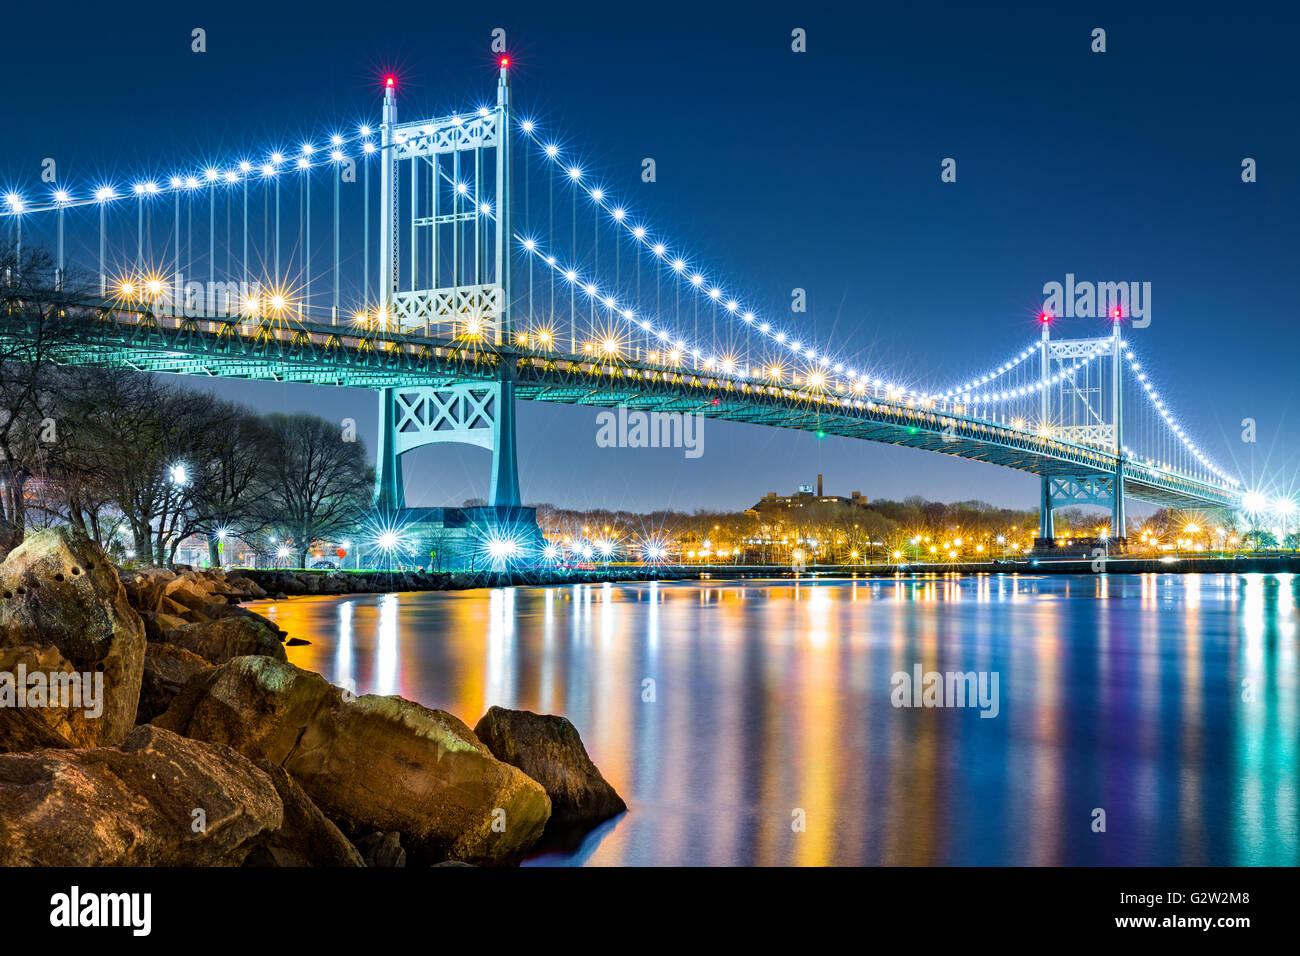 Robert F. Kennedy (aka pont Triboro Bridge) par nuit vu de l'Île Randalls, New York Banque D'Images